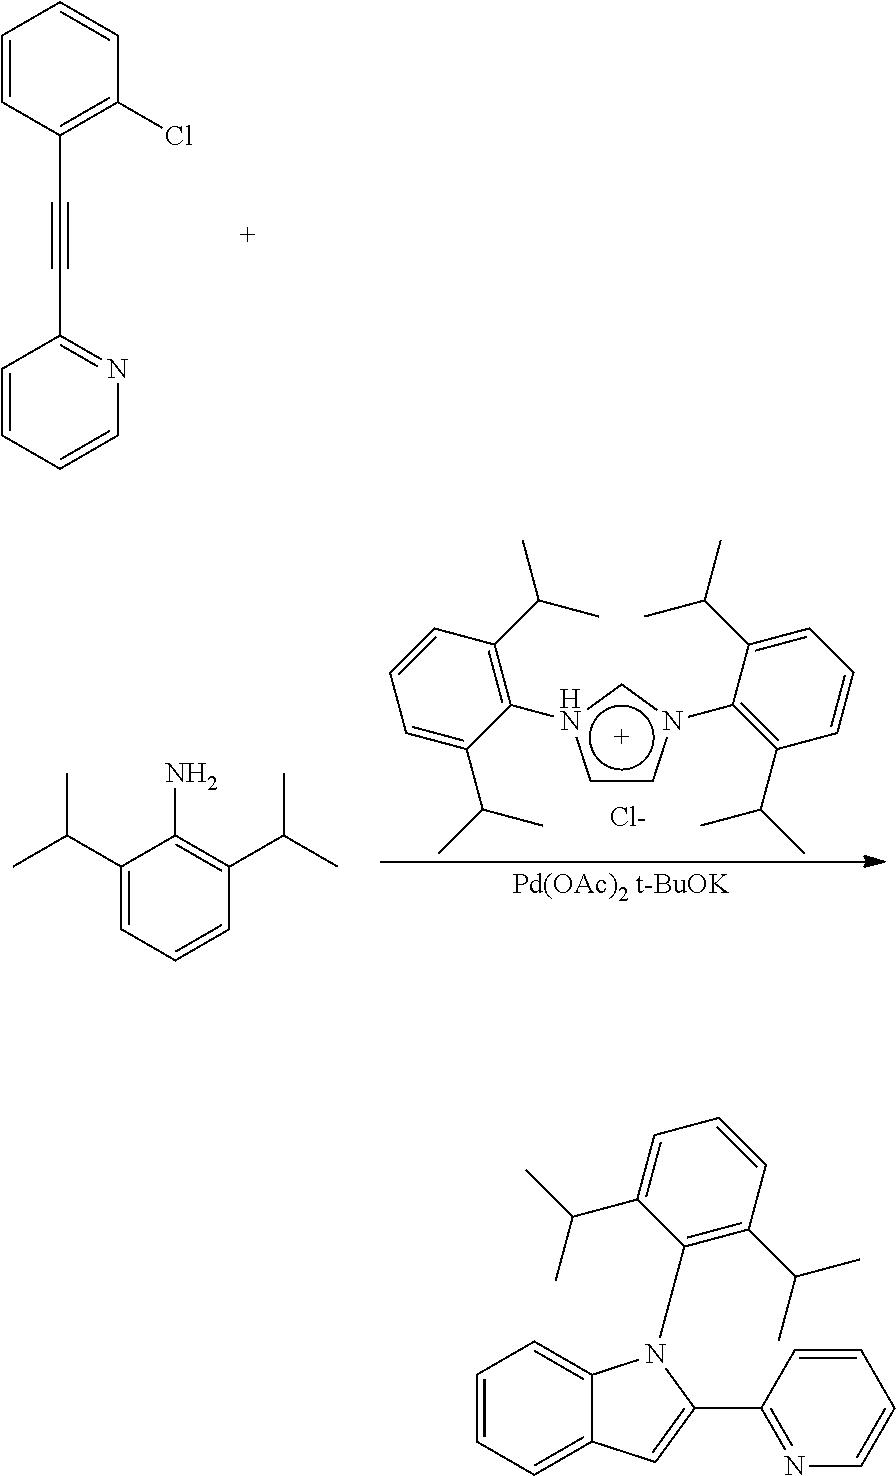 Figure US09935277-20180403-C00094